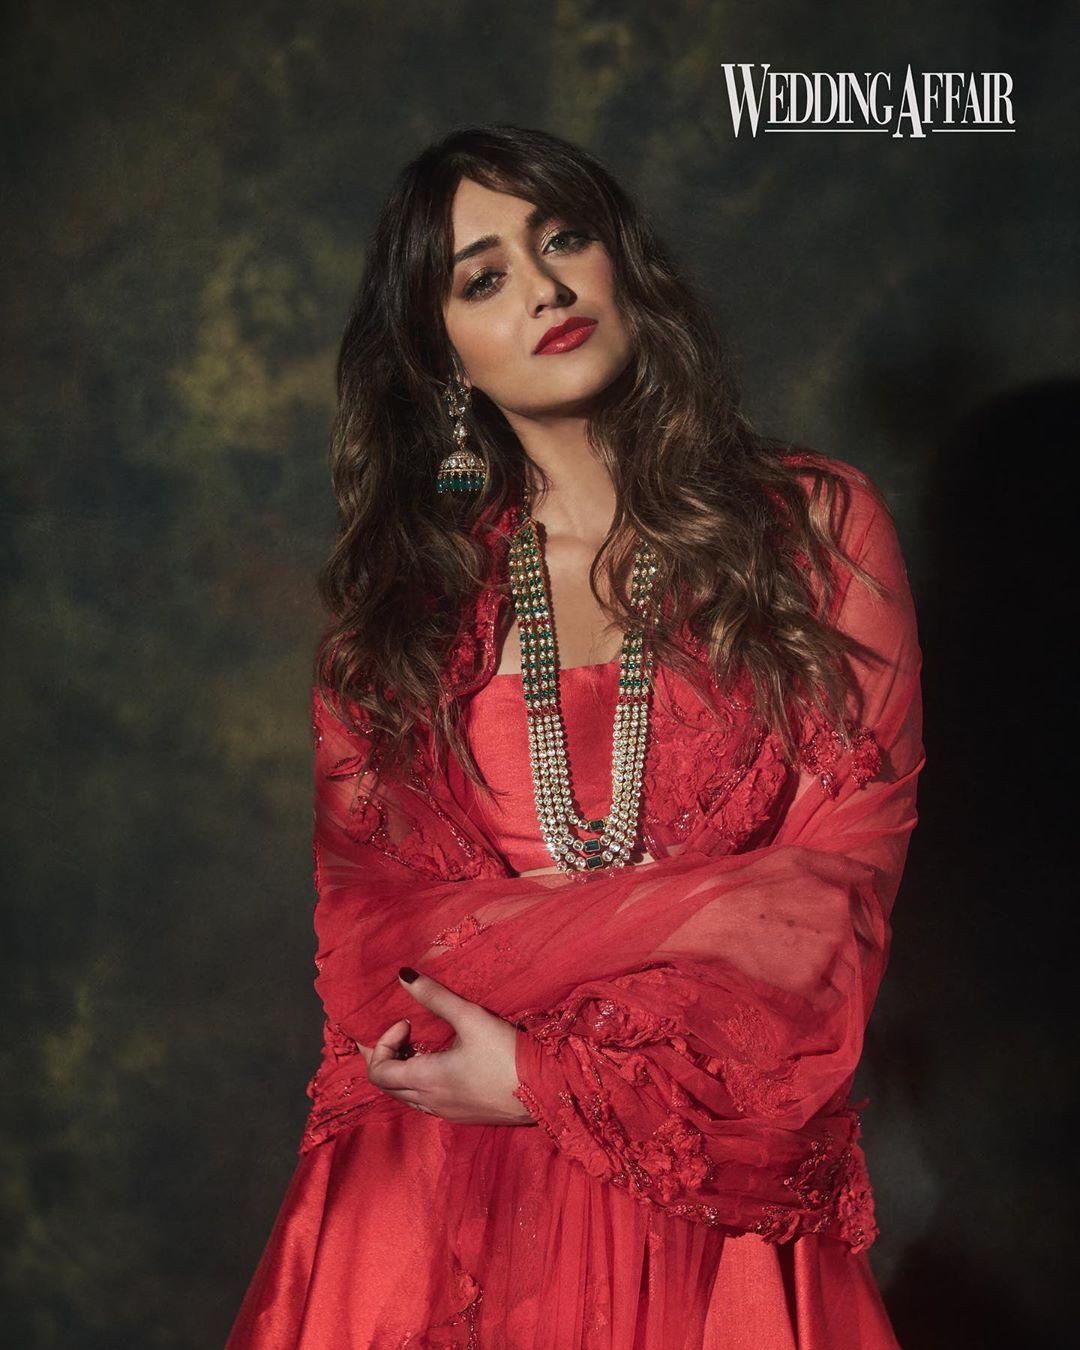 Bollywood Tadka,इलियाना डिक्रूज इमेज,इलियाना डिक्रूज फोटो,इलियाना डिक्रूज पिक्चर,